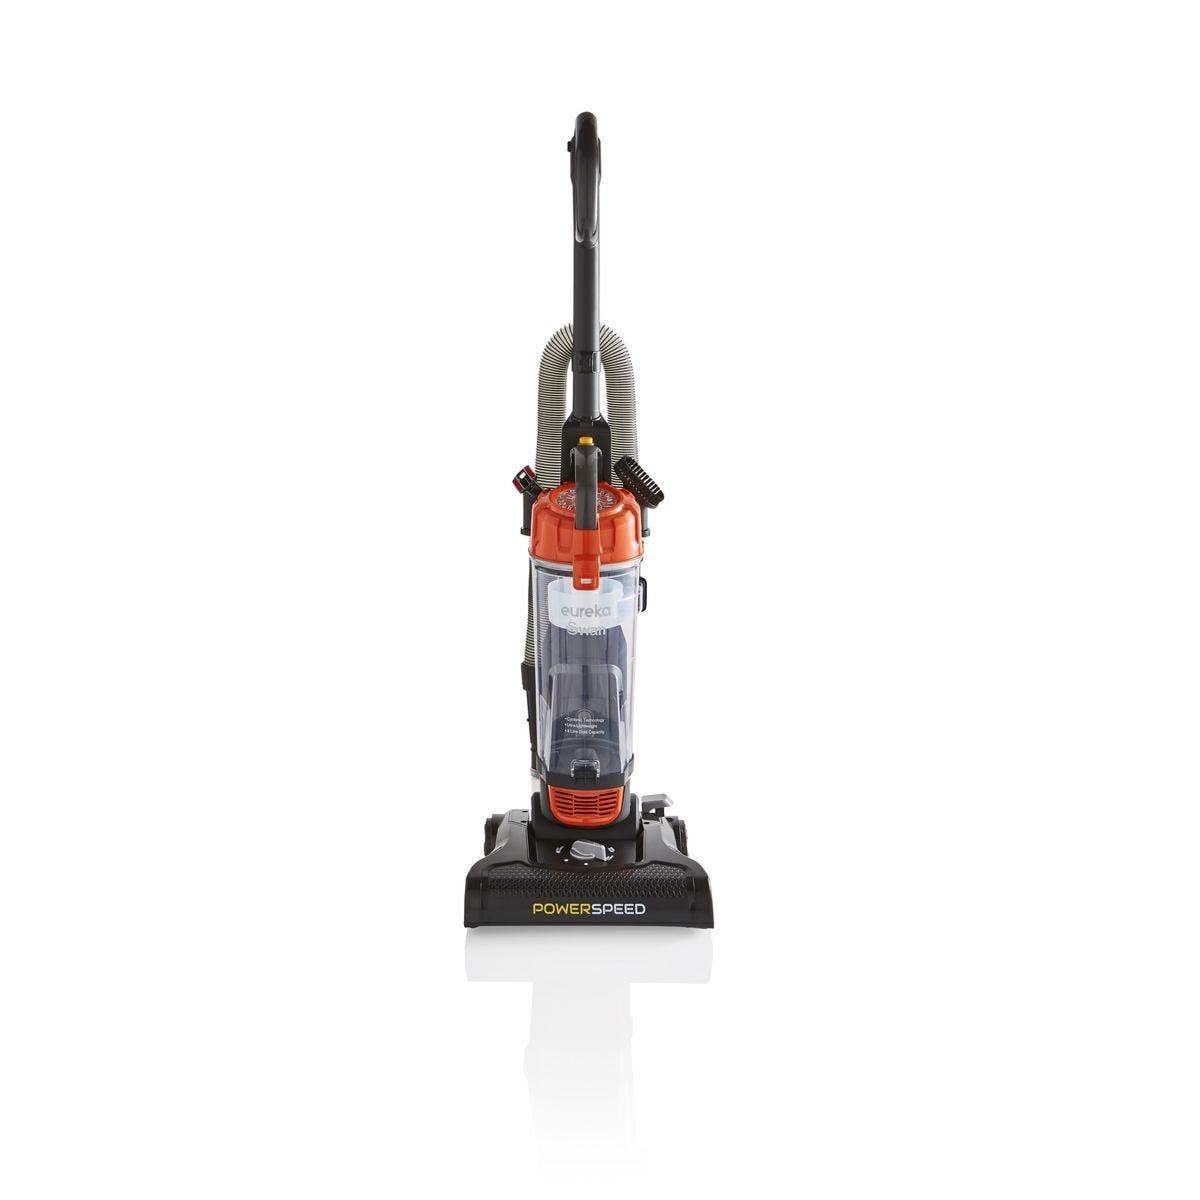 Swan SC15836N 400W PowerSpeed Upright Vacuum Cleaner - Grey/Orange